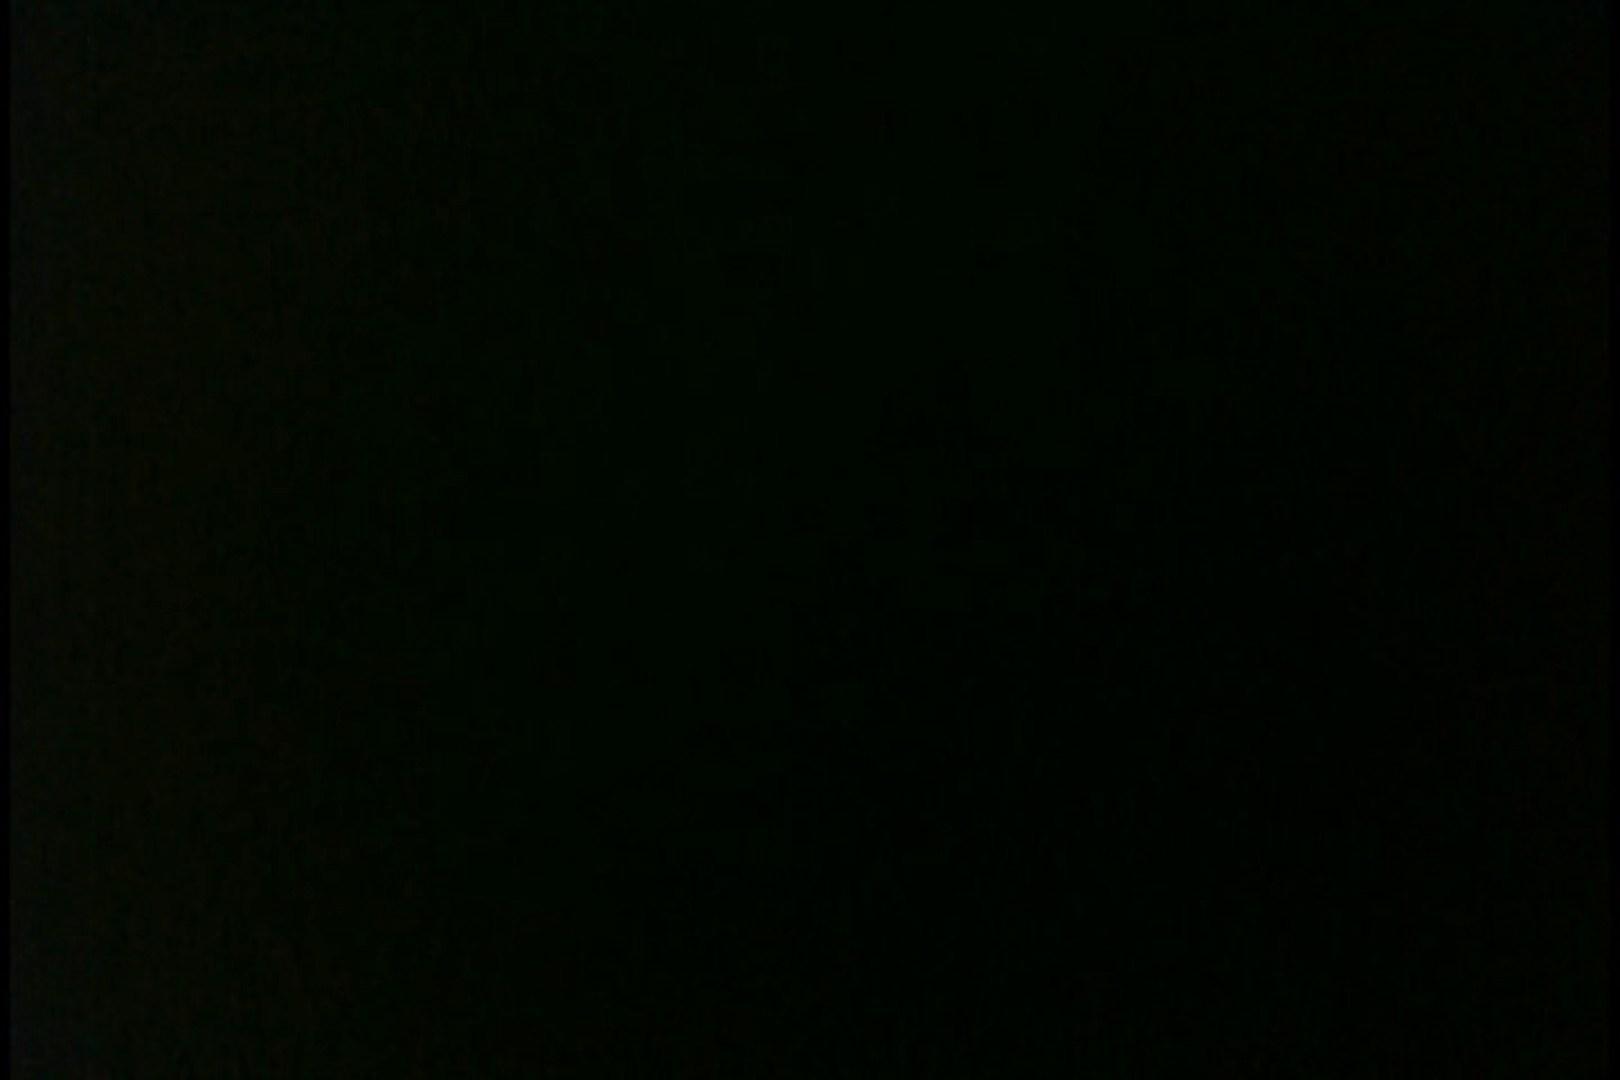 投稿!山下さんの闘病日記 激カワナースパンチラ vol.04 ナースのエロ動画 おまんこ無修正動画無料 83PIX 65